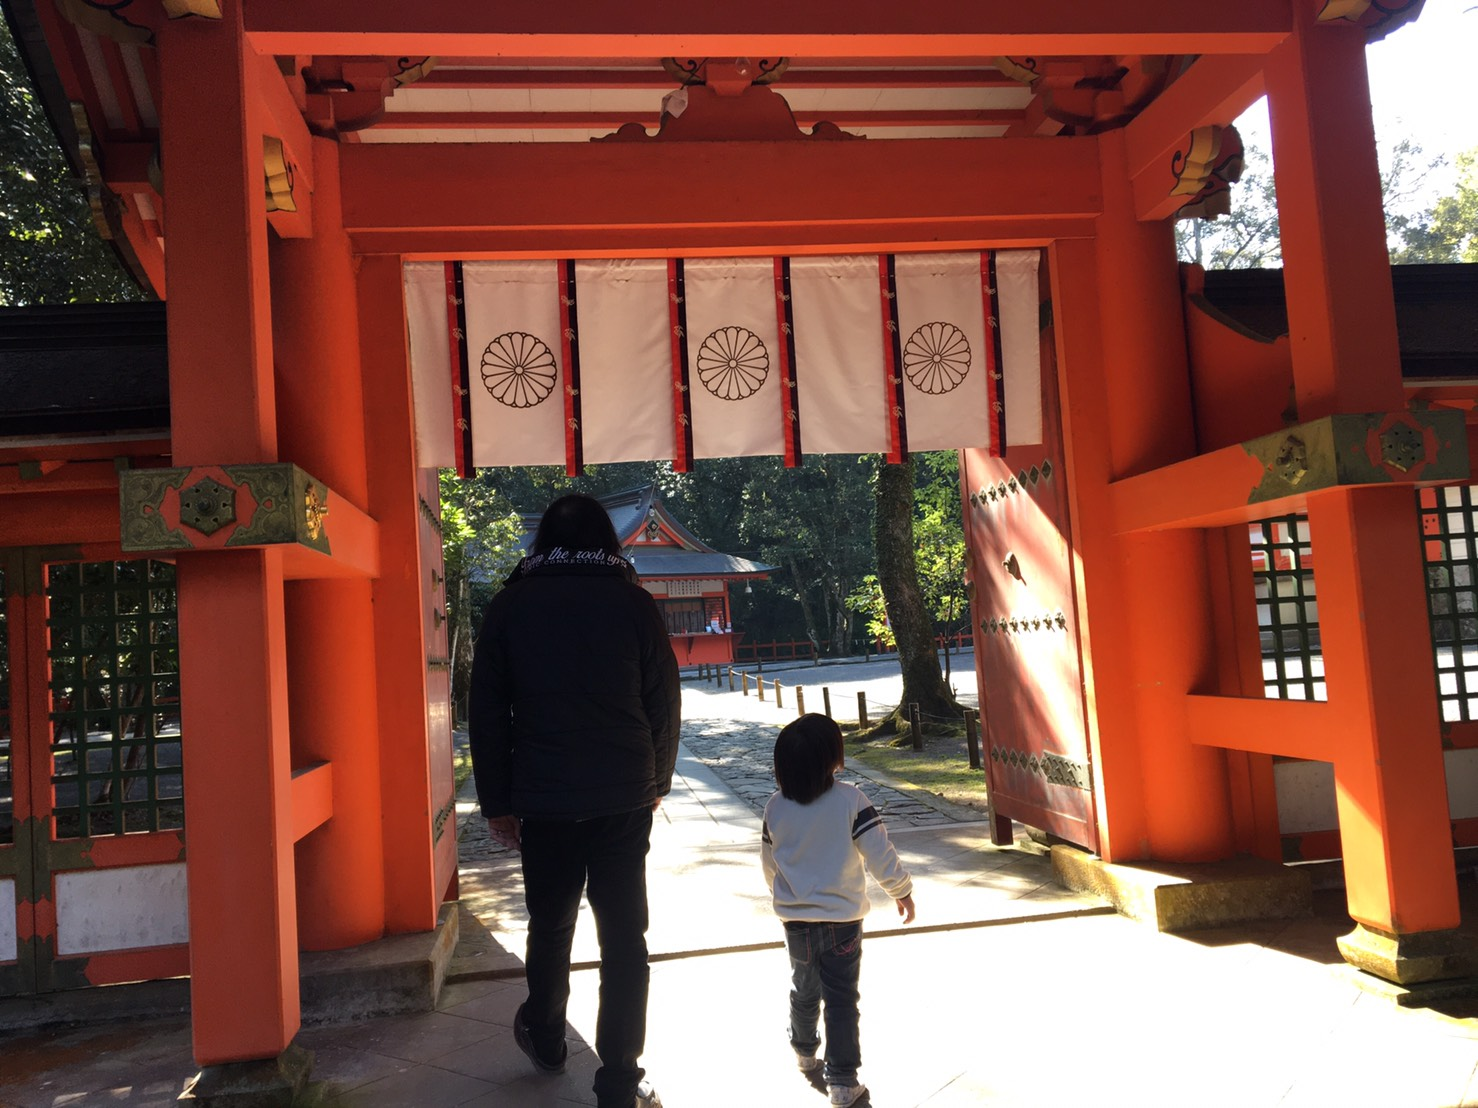 年末に大分県宇佐市にある宇佐神宮にお参りしてきました